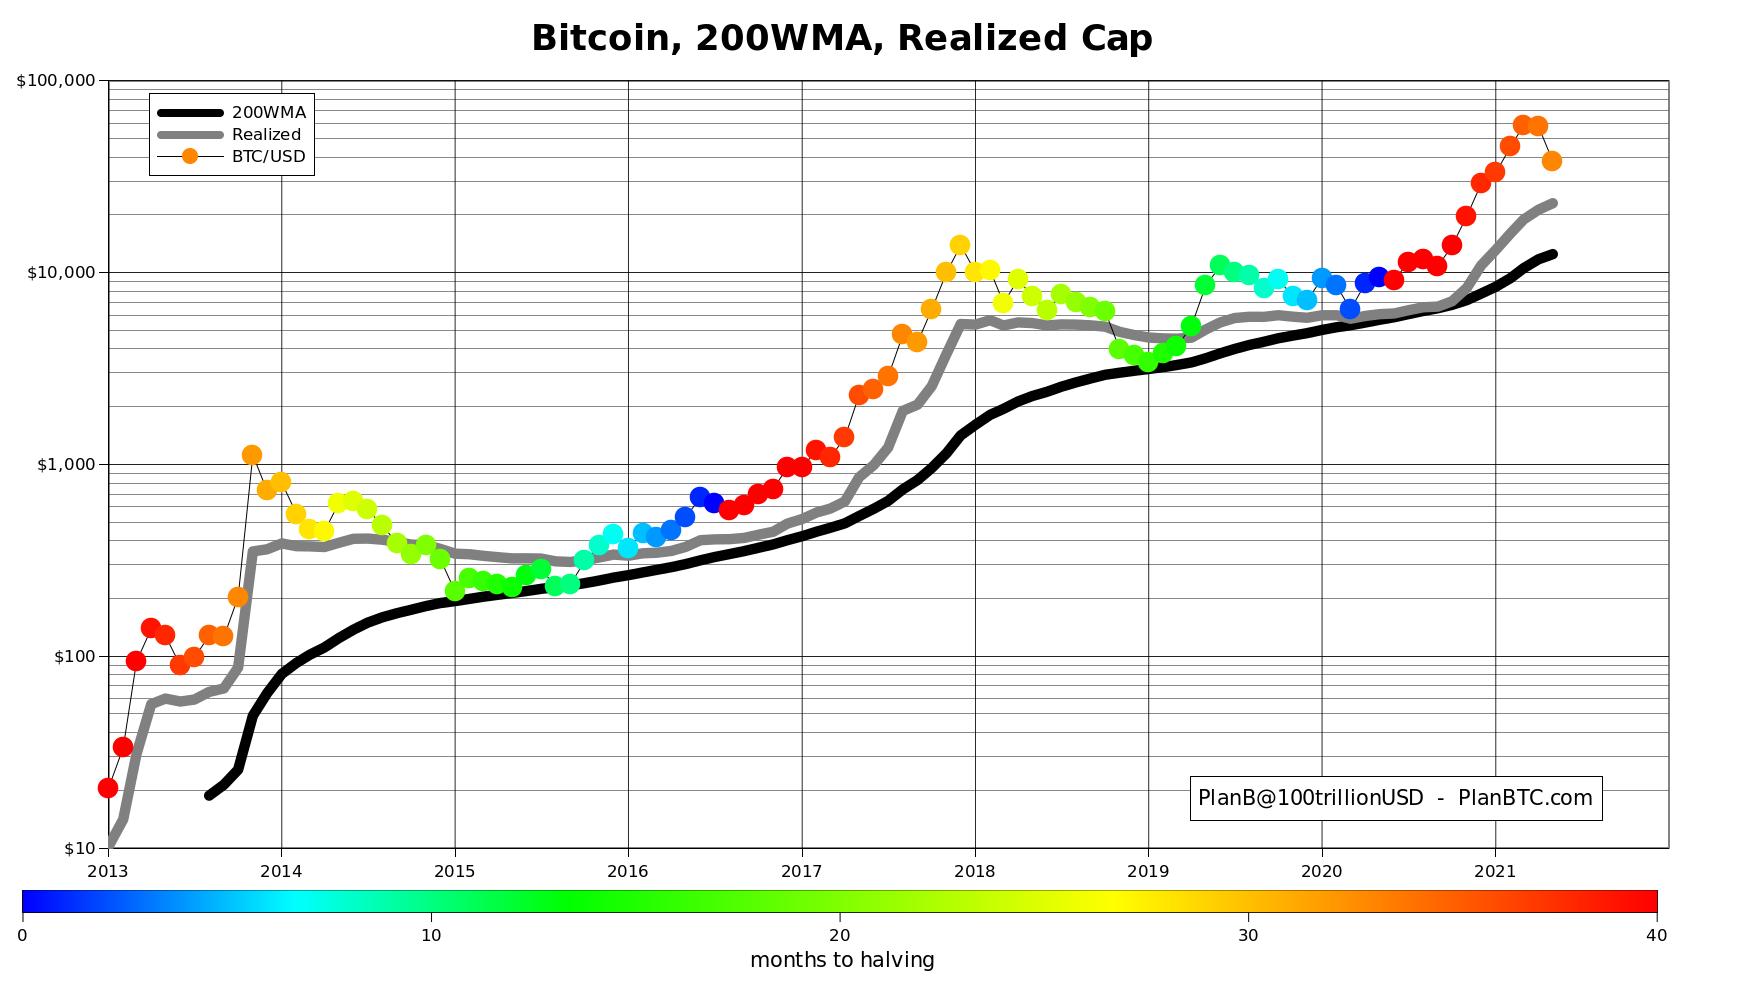 Prezzo realizzato di Bitcoin vs. BTC/USD vs. mesi agli eventi di halving